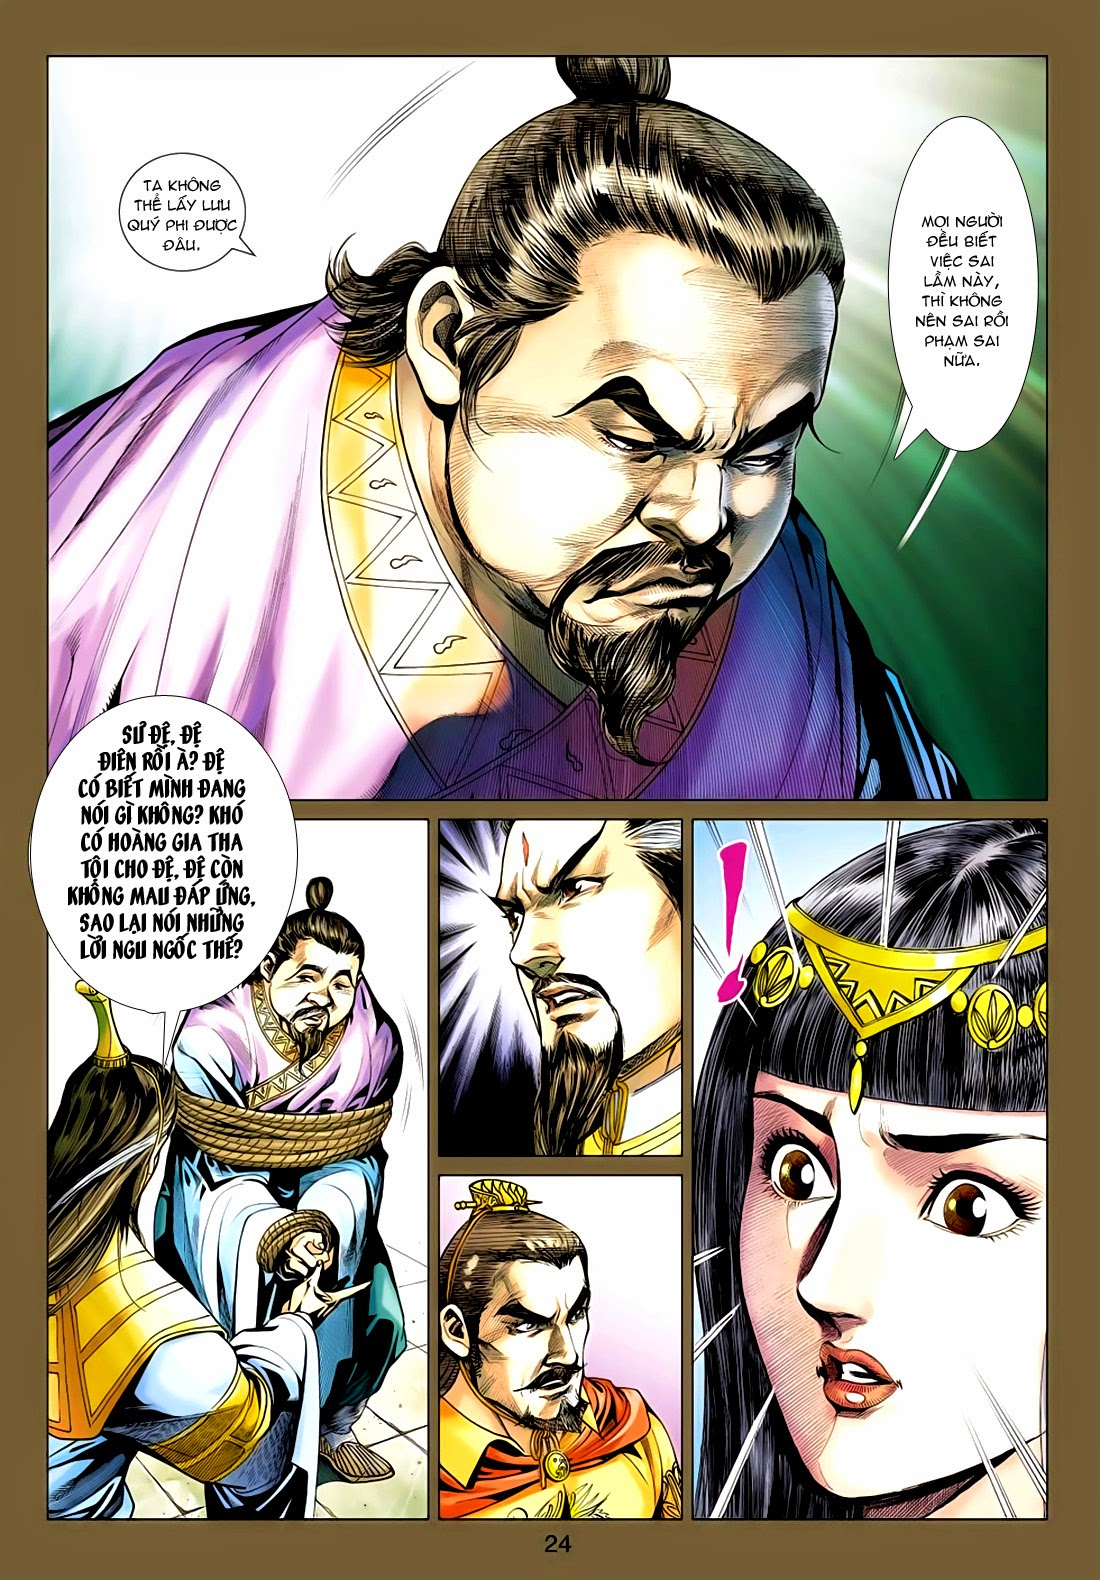 Anh Hùng Xạ Điêu anh hùng xạ đêu chap 77: thế thượng tối cường võ công trang 24